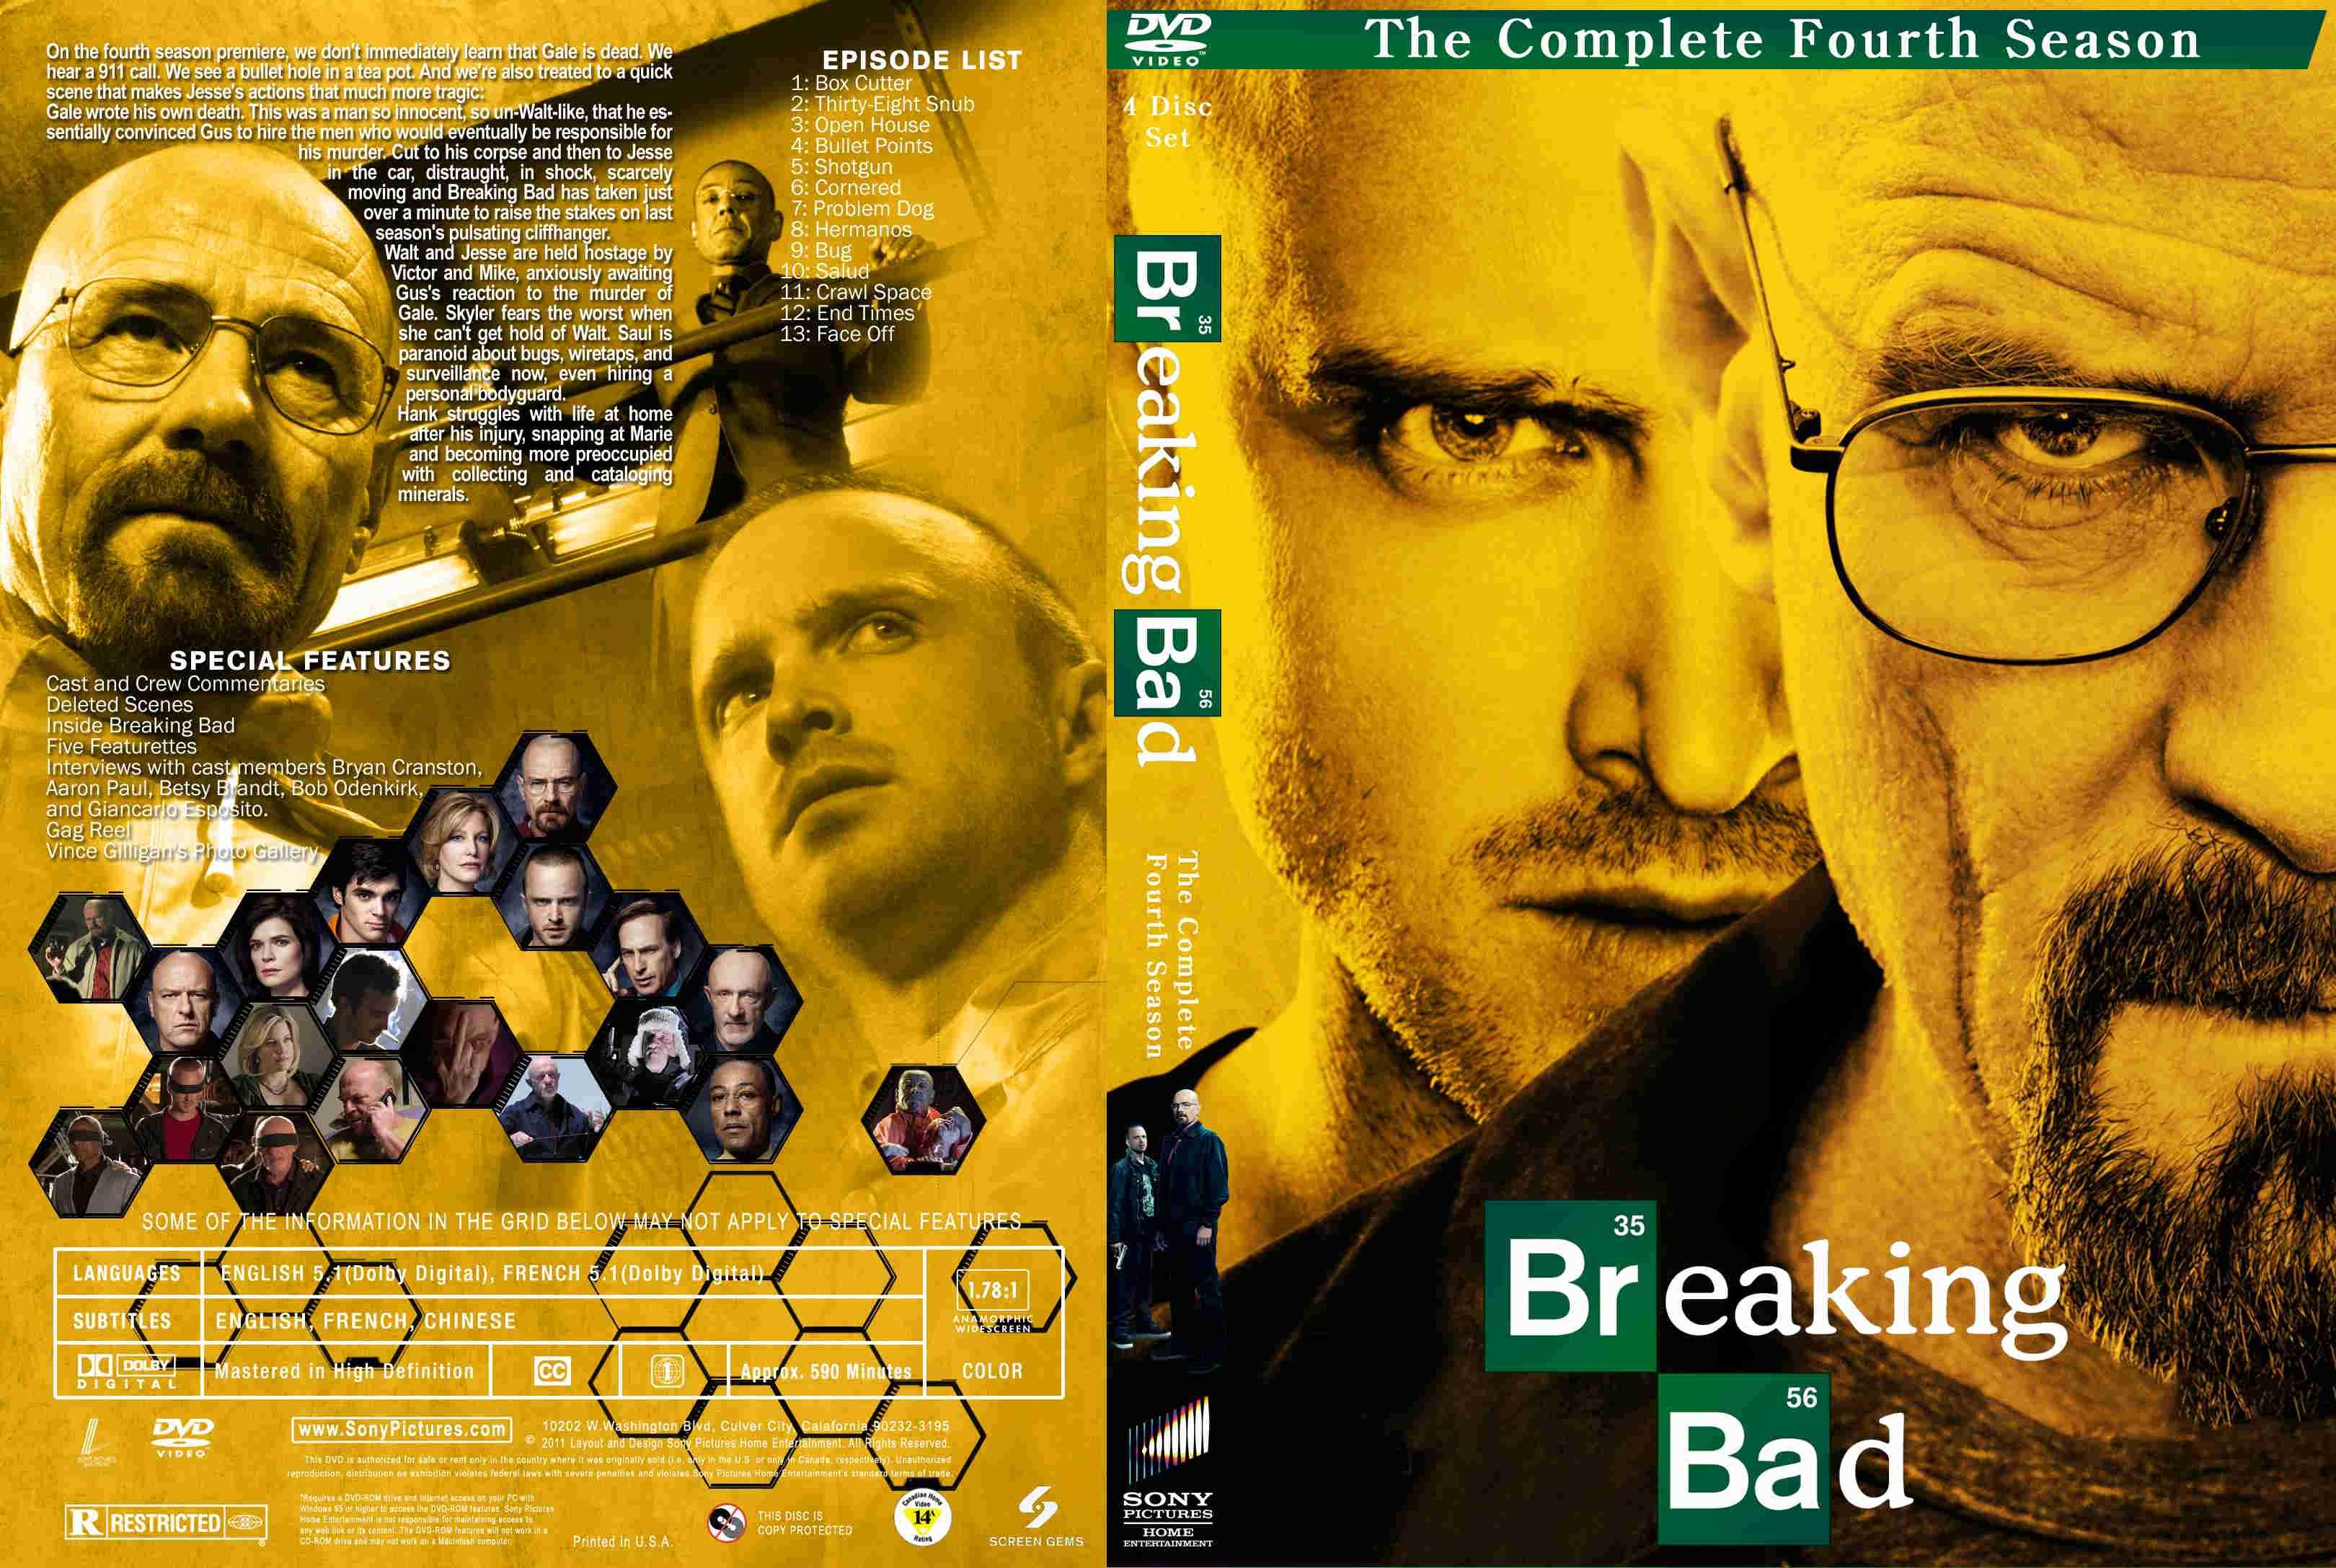 cover serial breaking bad4 - سریال بریکینگ بد Breaking Bad فصل پنجم با دوبله فارسی قسمت ۳